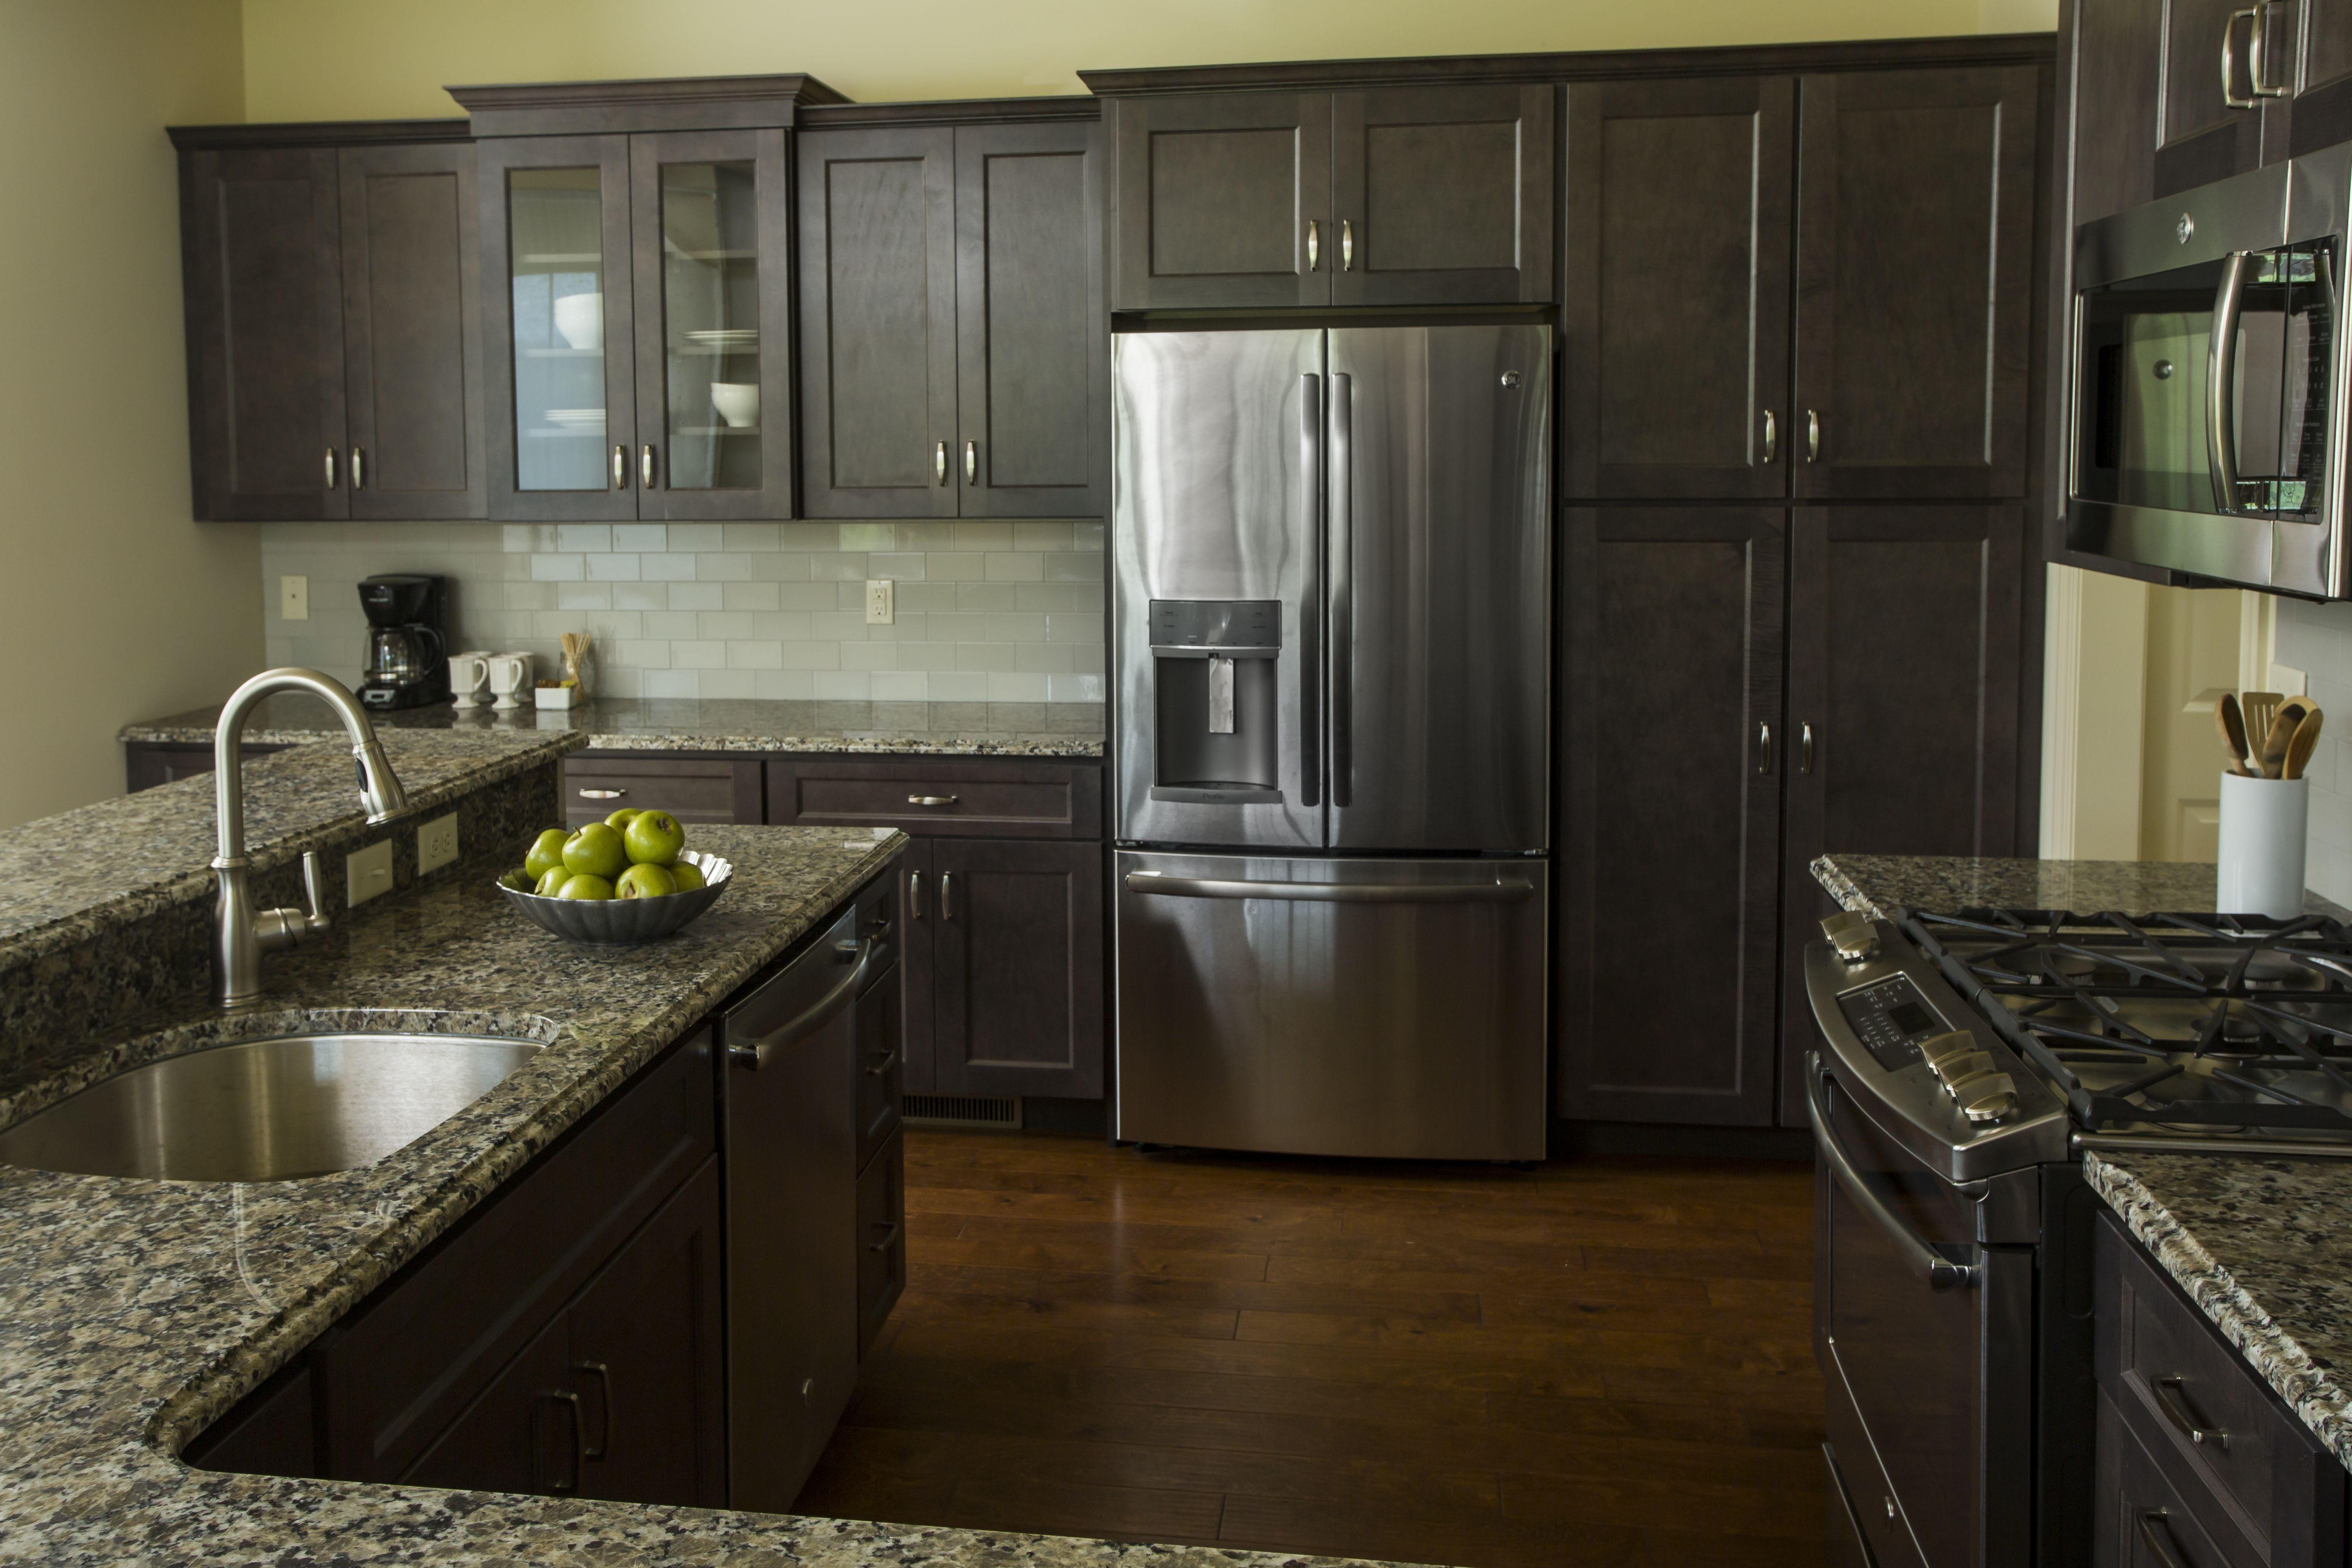 Bathroom & Kitchen Cabinets - GR Mitchell - York PA ...